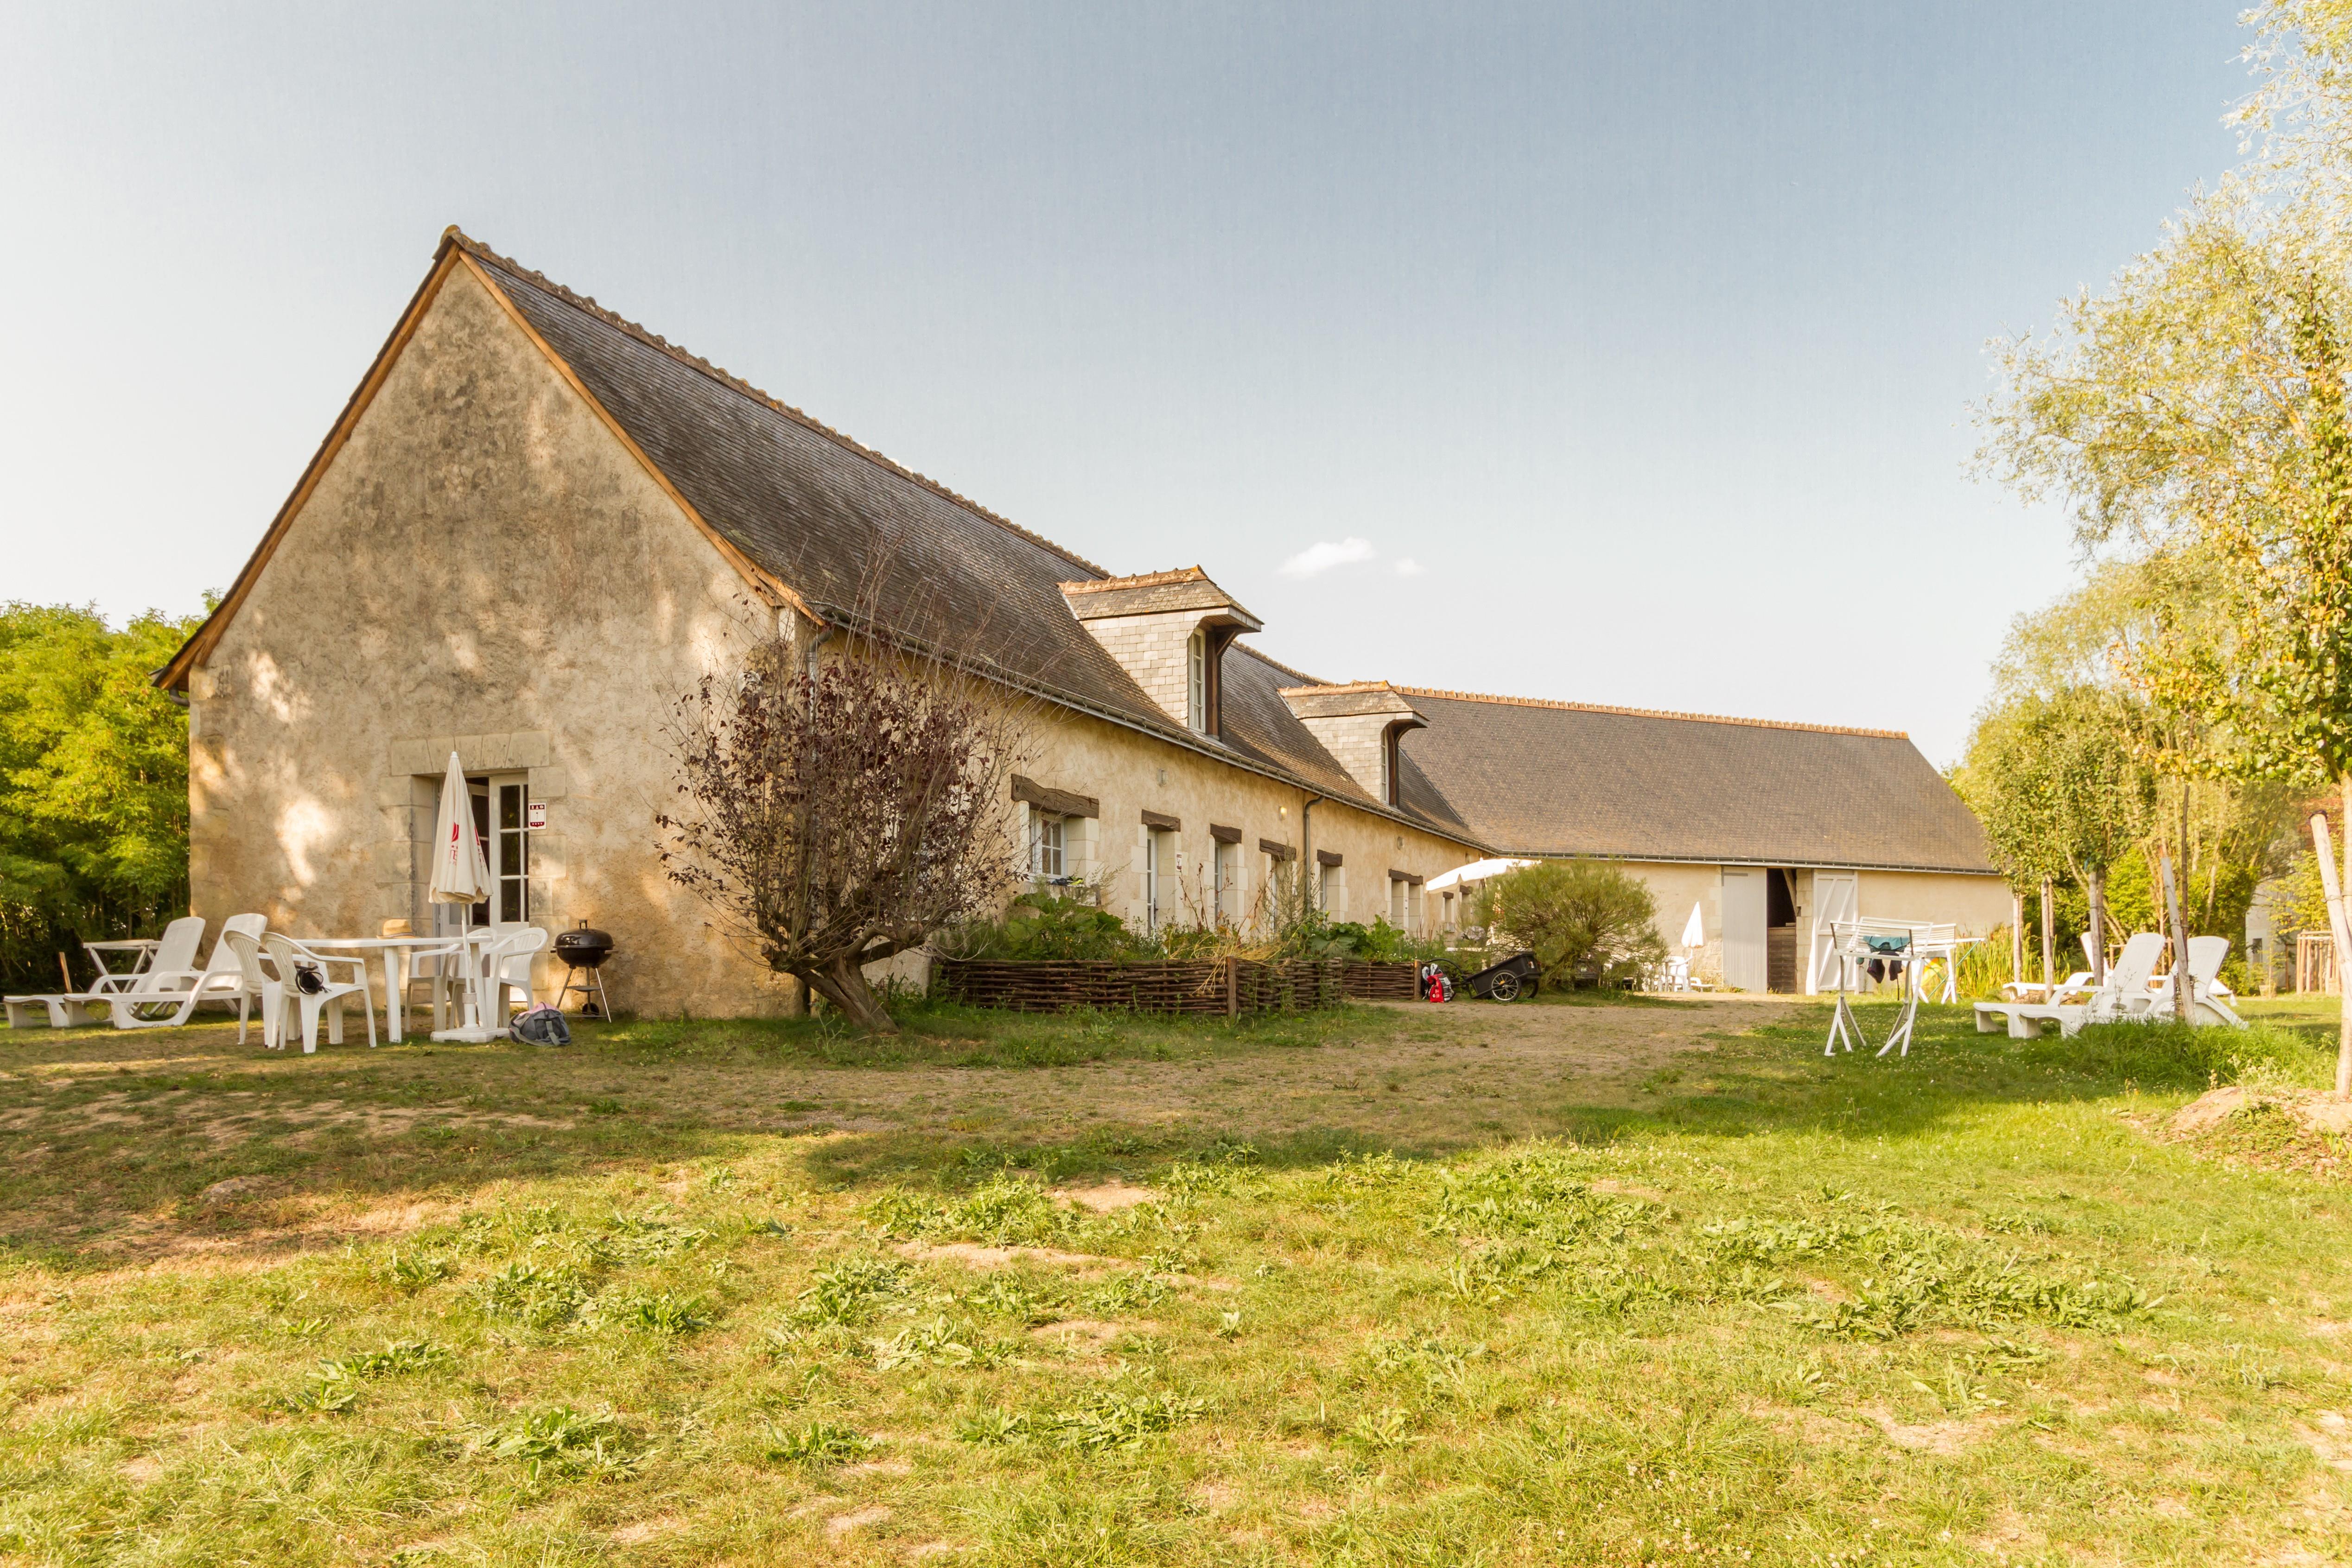 Location - Gîte - 1 Chambre - 1 Salle De Bain - Le Frêne - Camping Castel Parc de Fierbois